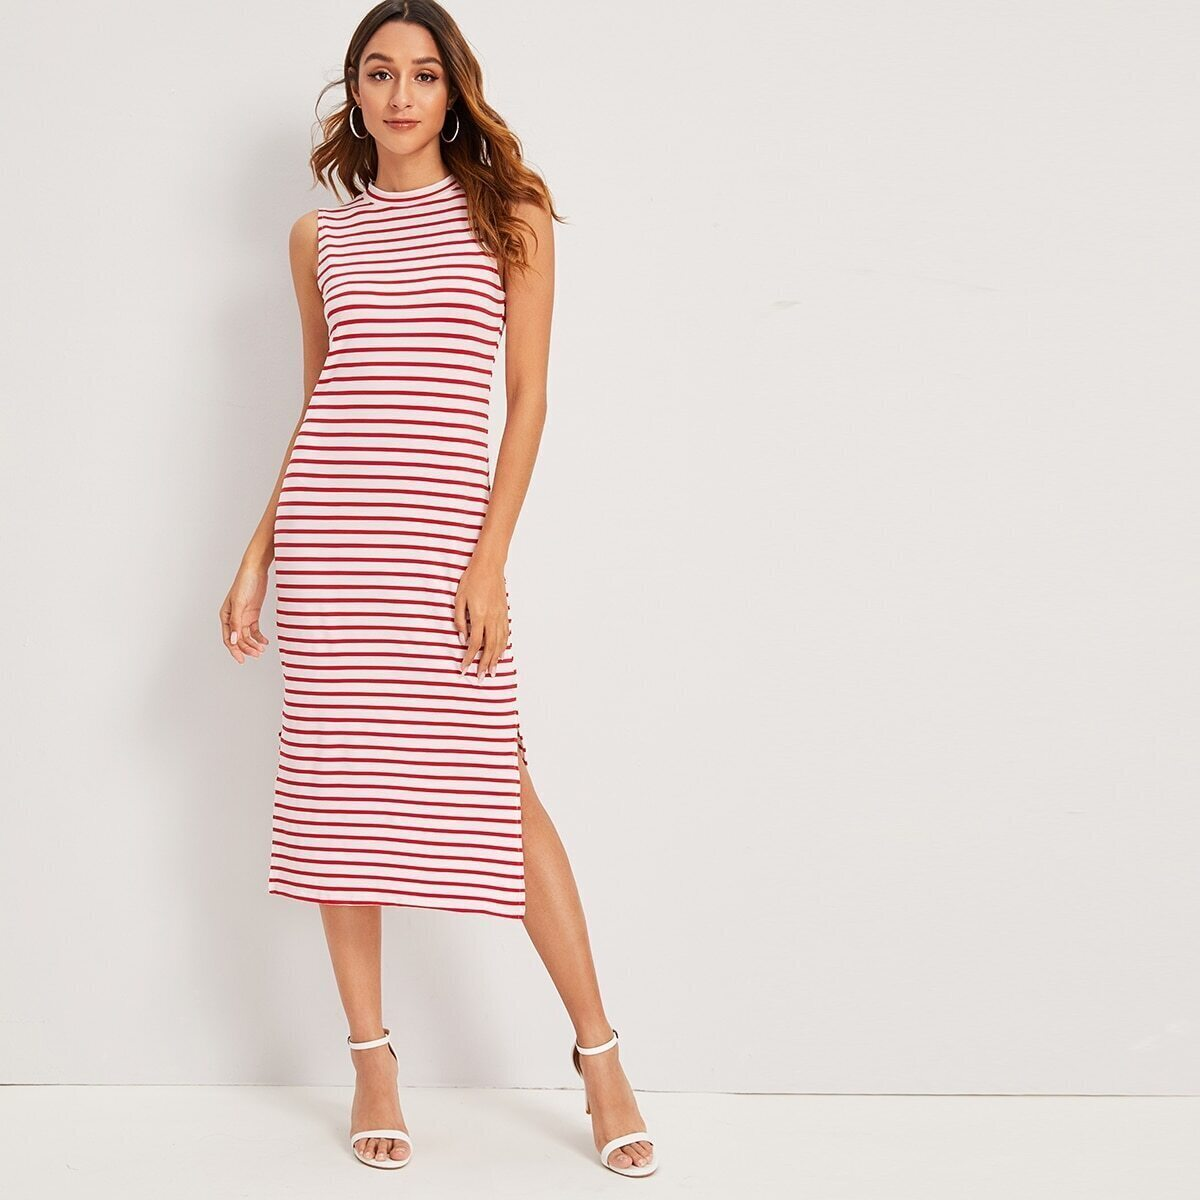 SHEIN / Kleid mit Streifen und Stehkragen